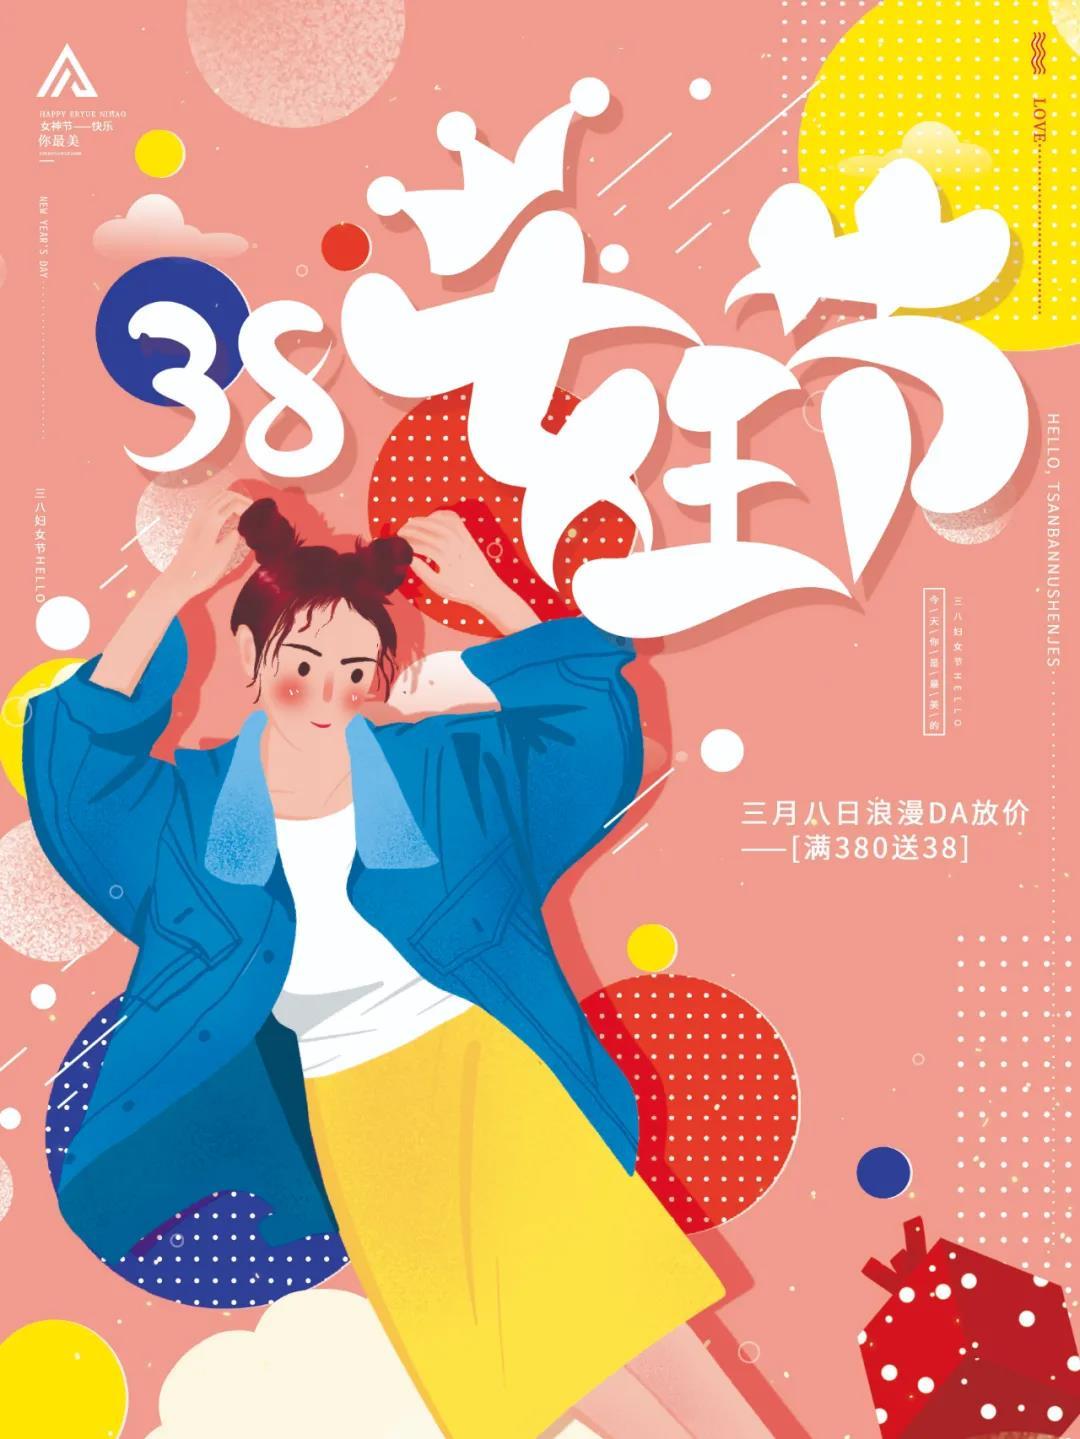 【PSD素材福利】三八妇女节女王节海报素材,免费分享~